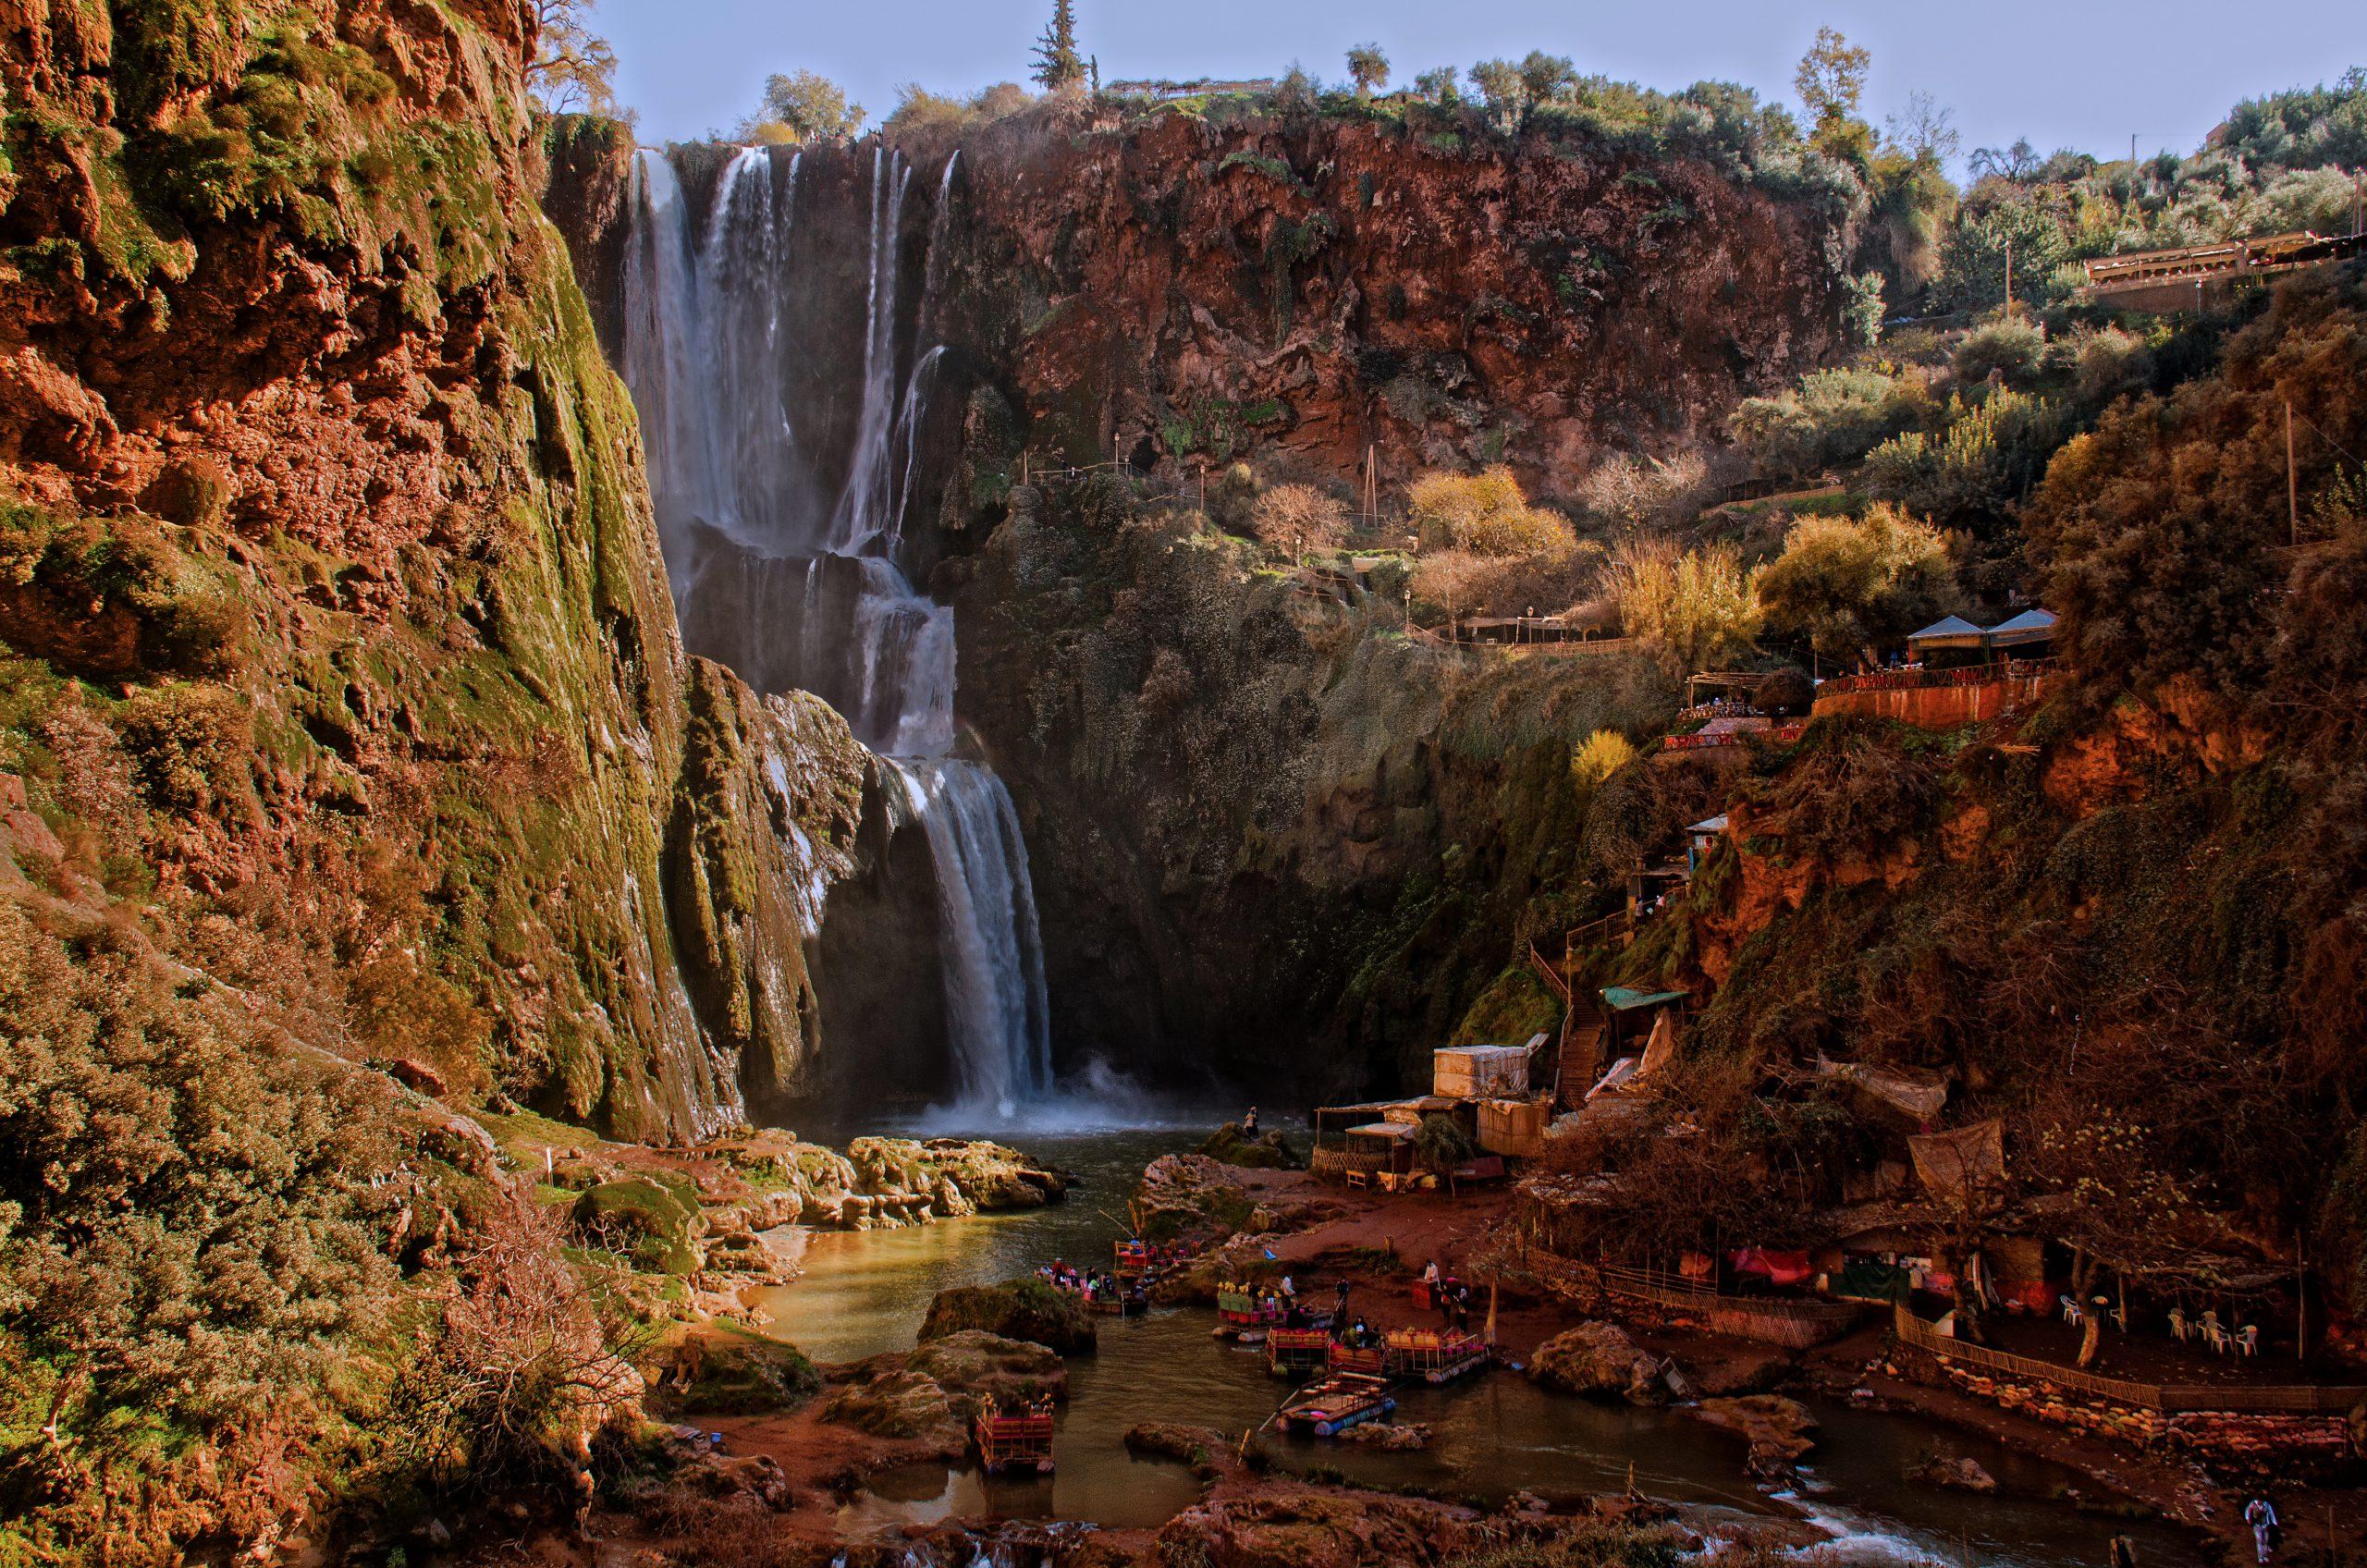 2 Days Marrakech Zagora Desert, 3 Days to the high dunes of Merzouga, day trip from errachidia, Day trip to Ouzoud Waterfalls, Excursion to ouzoud, Excursions from marrakech, explore ouzoud departure from marrakech, explore ouzoud from Marrakech, fes day trip, journey to ouzoud falls, Marrakech ouzoud day trip, Ouarzazate, Ouzoud瀑布一日遊, 摩洛哥短途旅行, 撒哈拉沙漠之旅, 烏祖德一日遊